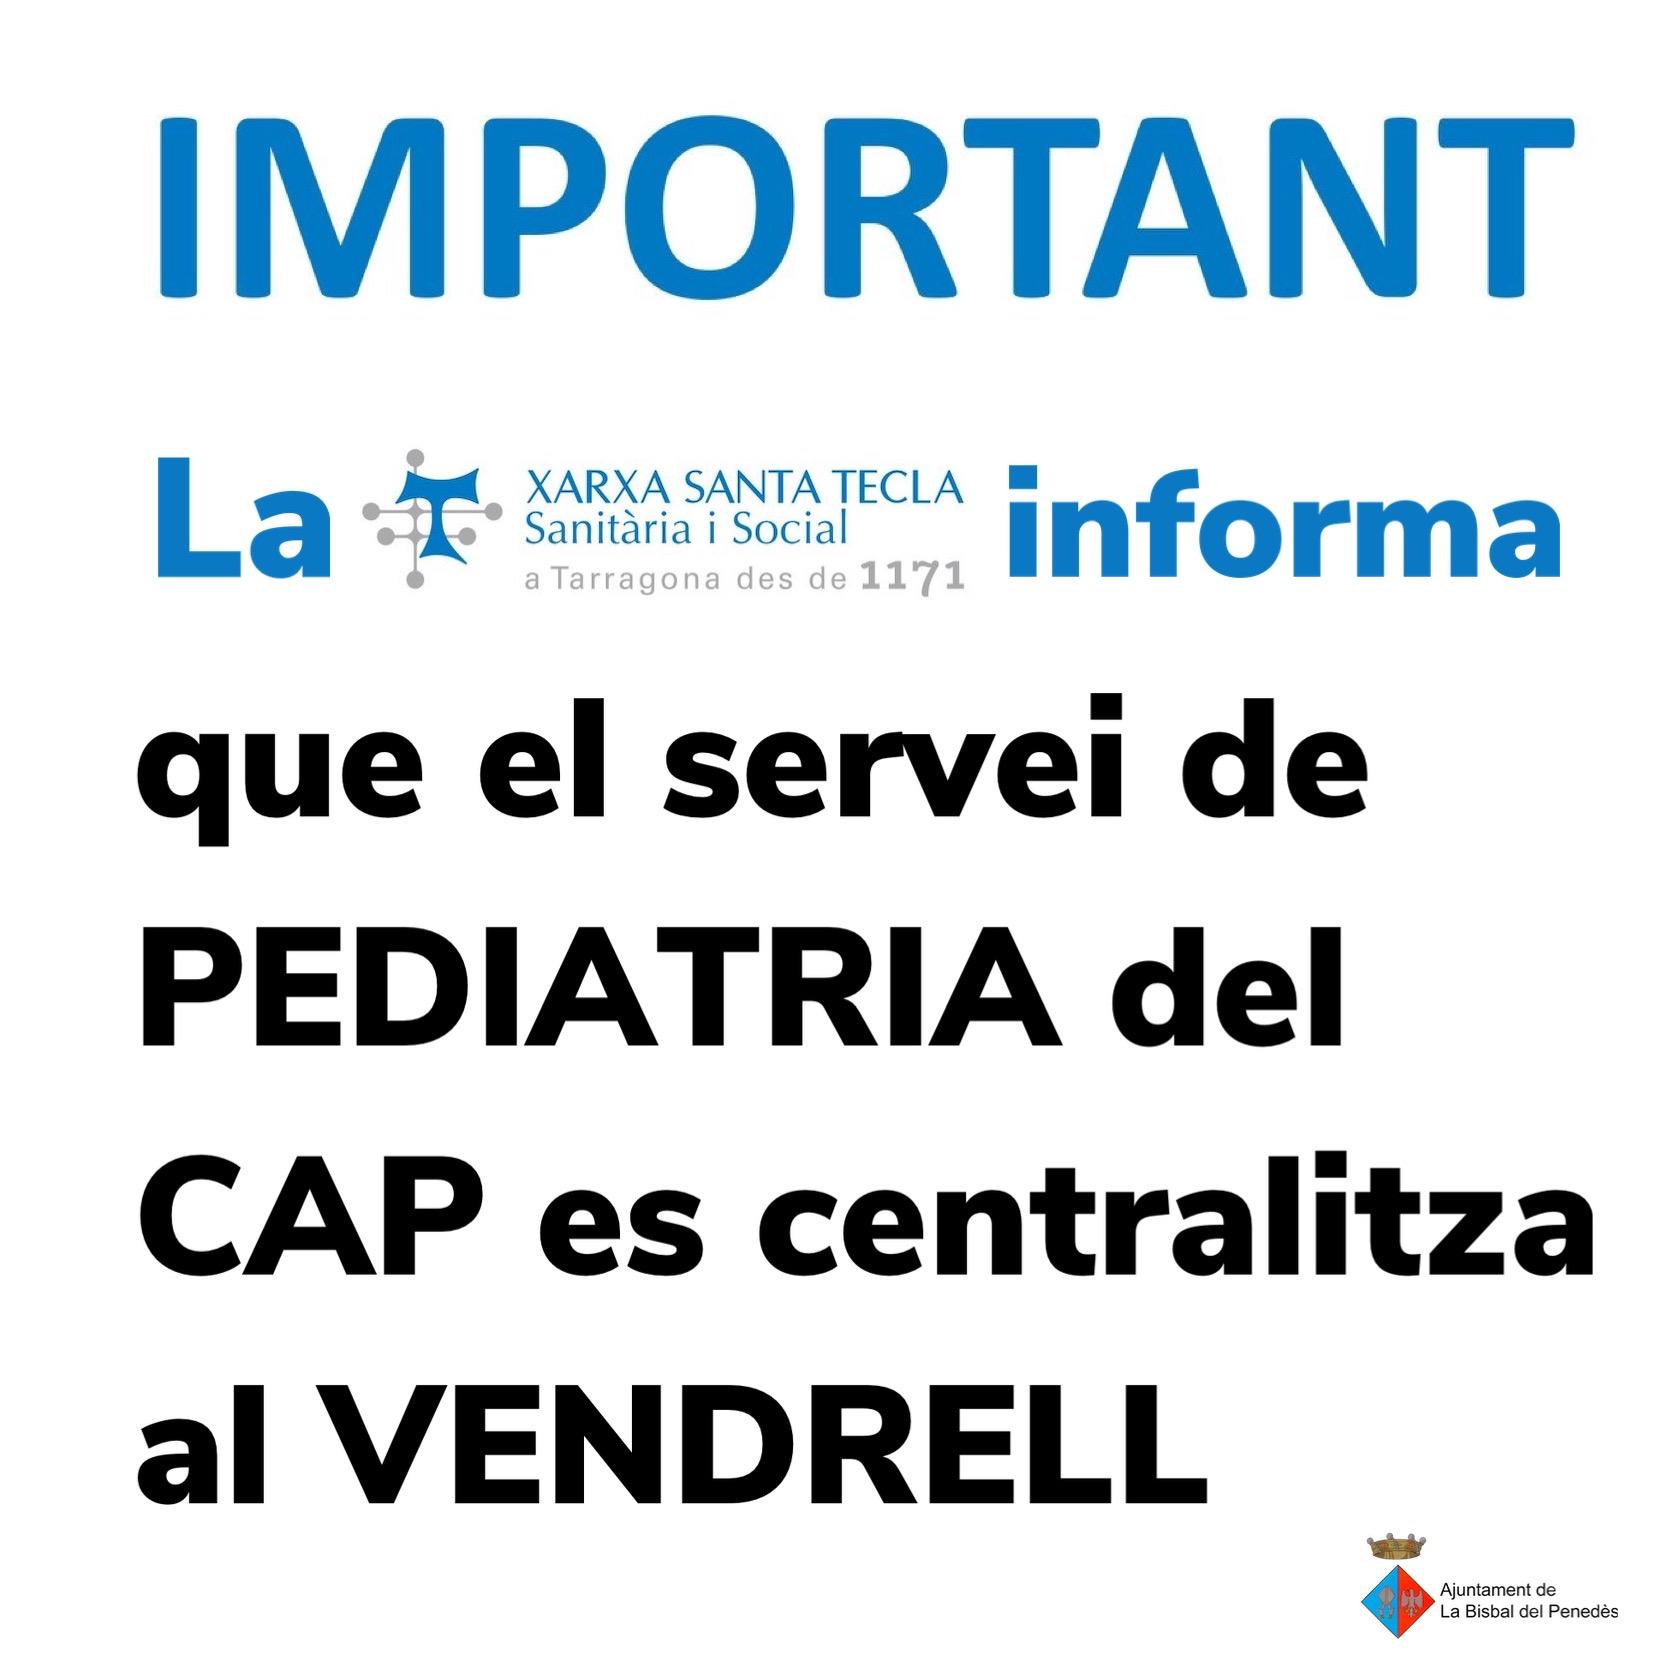 La Xarxa Sanitària de Santa Tecla informa que el servei de pediatria del CAP quedarà centralitzat al Vendrell